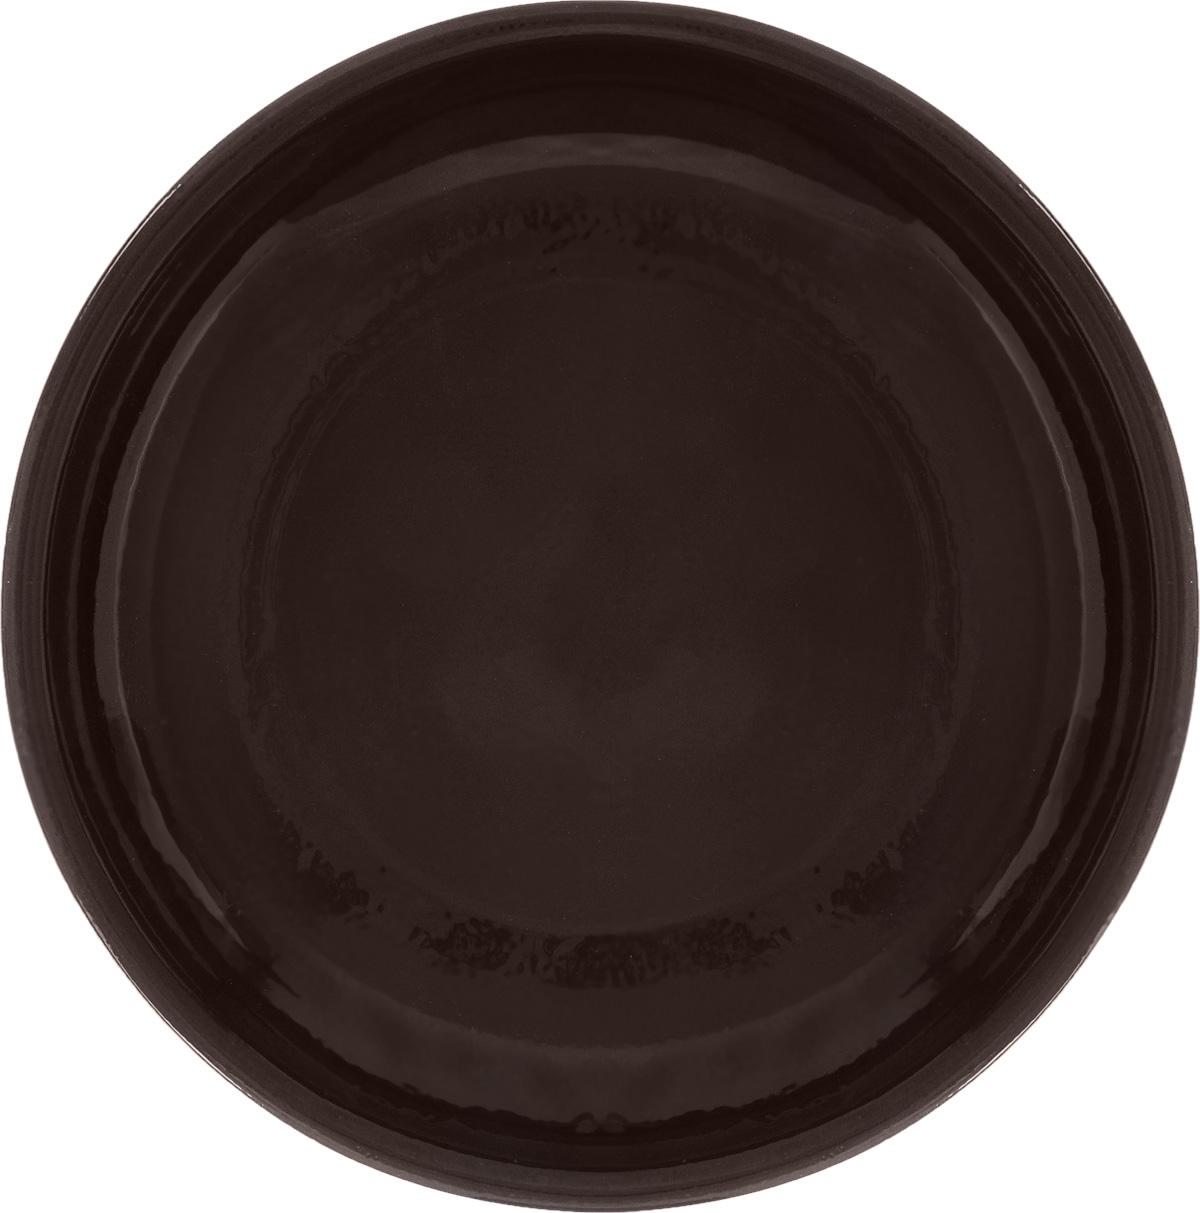 Тарелка Борисовская керамика Старина, цвет: темно-коричневый, диаметр 18 смСТР00000455_темно-коричневыйТарелка Борисовская керамика Радуга, изготовленная из глины, имеет изысканный внешний вид. Лаконичный дизайн придется по вкусу и ценителям классики, и тем, кто предпочитает утонченность. Такая тарелка идеально подойдет для сервировки стола, а также для запекания вторых блюд в духовке.Тарелка Борисовская керамика Радуга впишется в любой интерьер современной кухни и станет отличным подарком для вас и ваших близких.Можно использовать в микроволновой печи и духовке. Диаметр (по верхнему краю): 18 см.